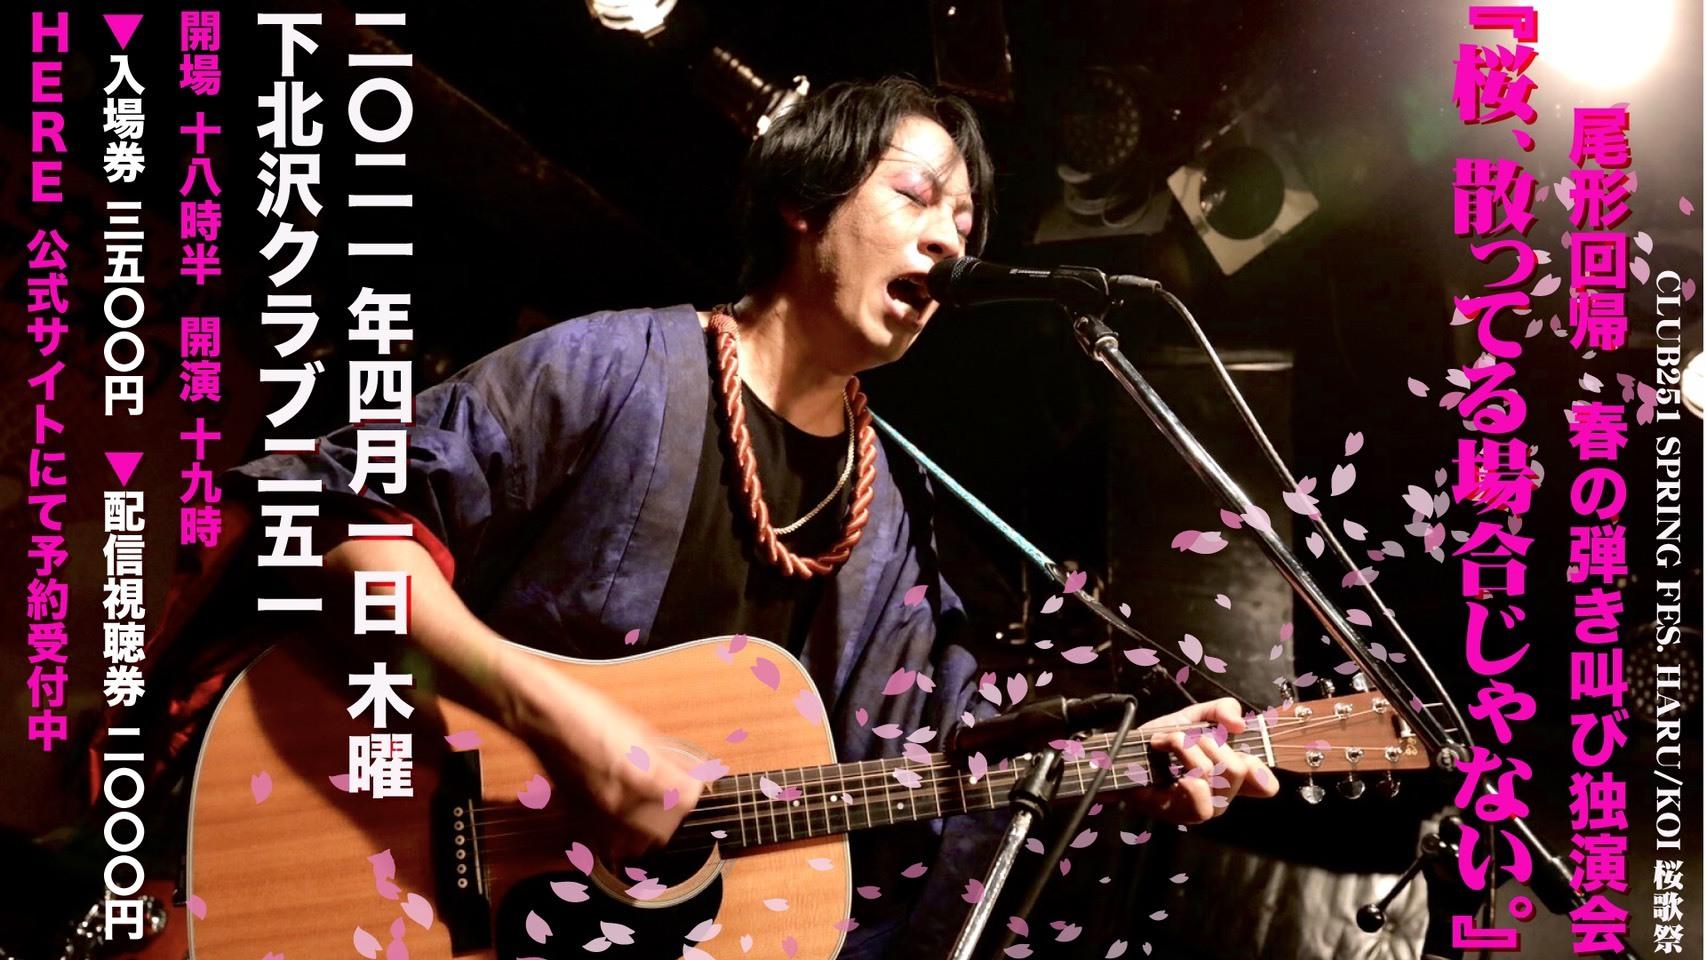 『春の弾き叫び独演会 〜桜、散ってる場合じゃない〜』フライヤー